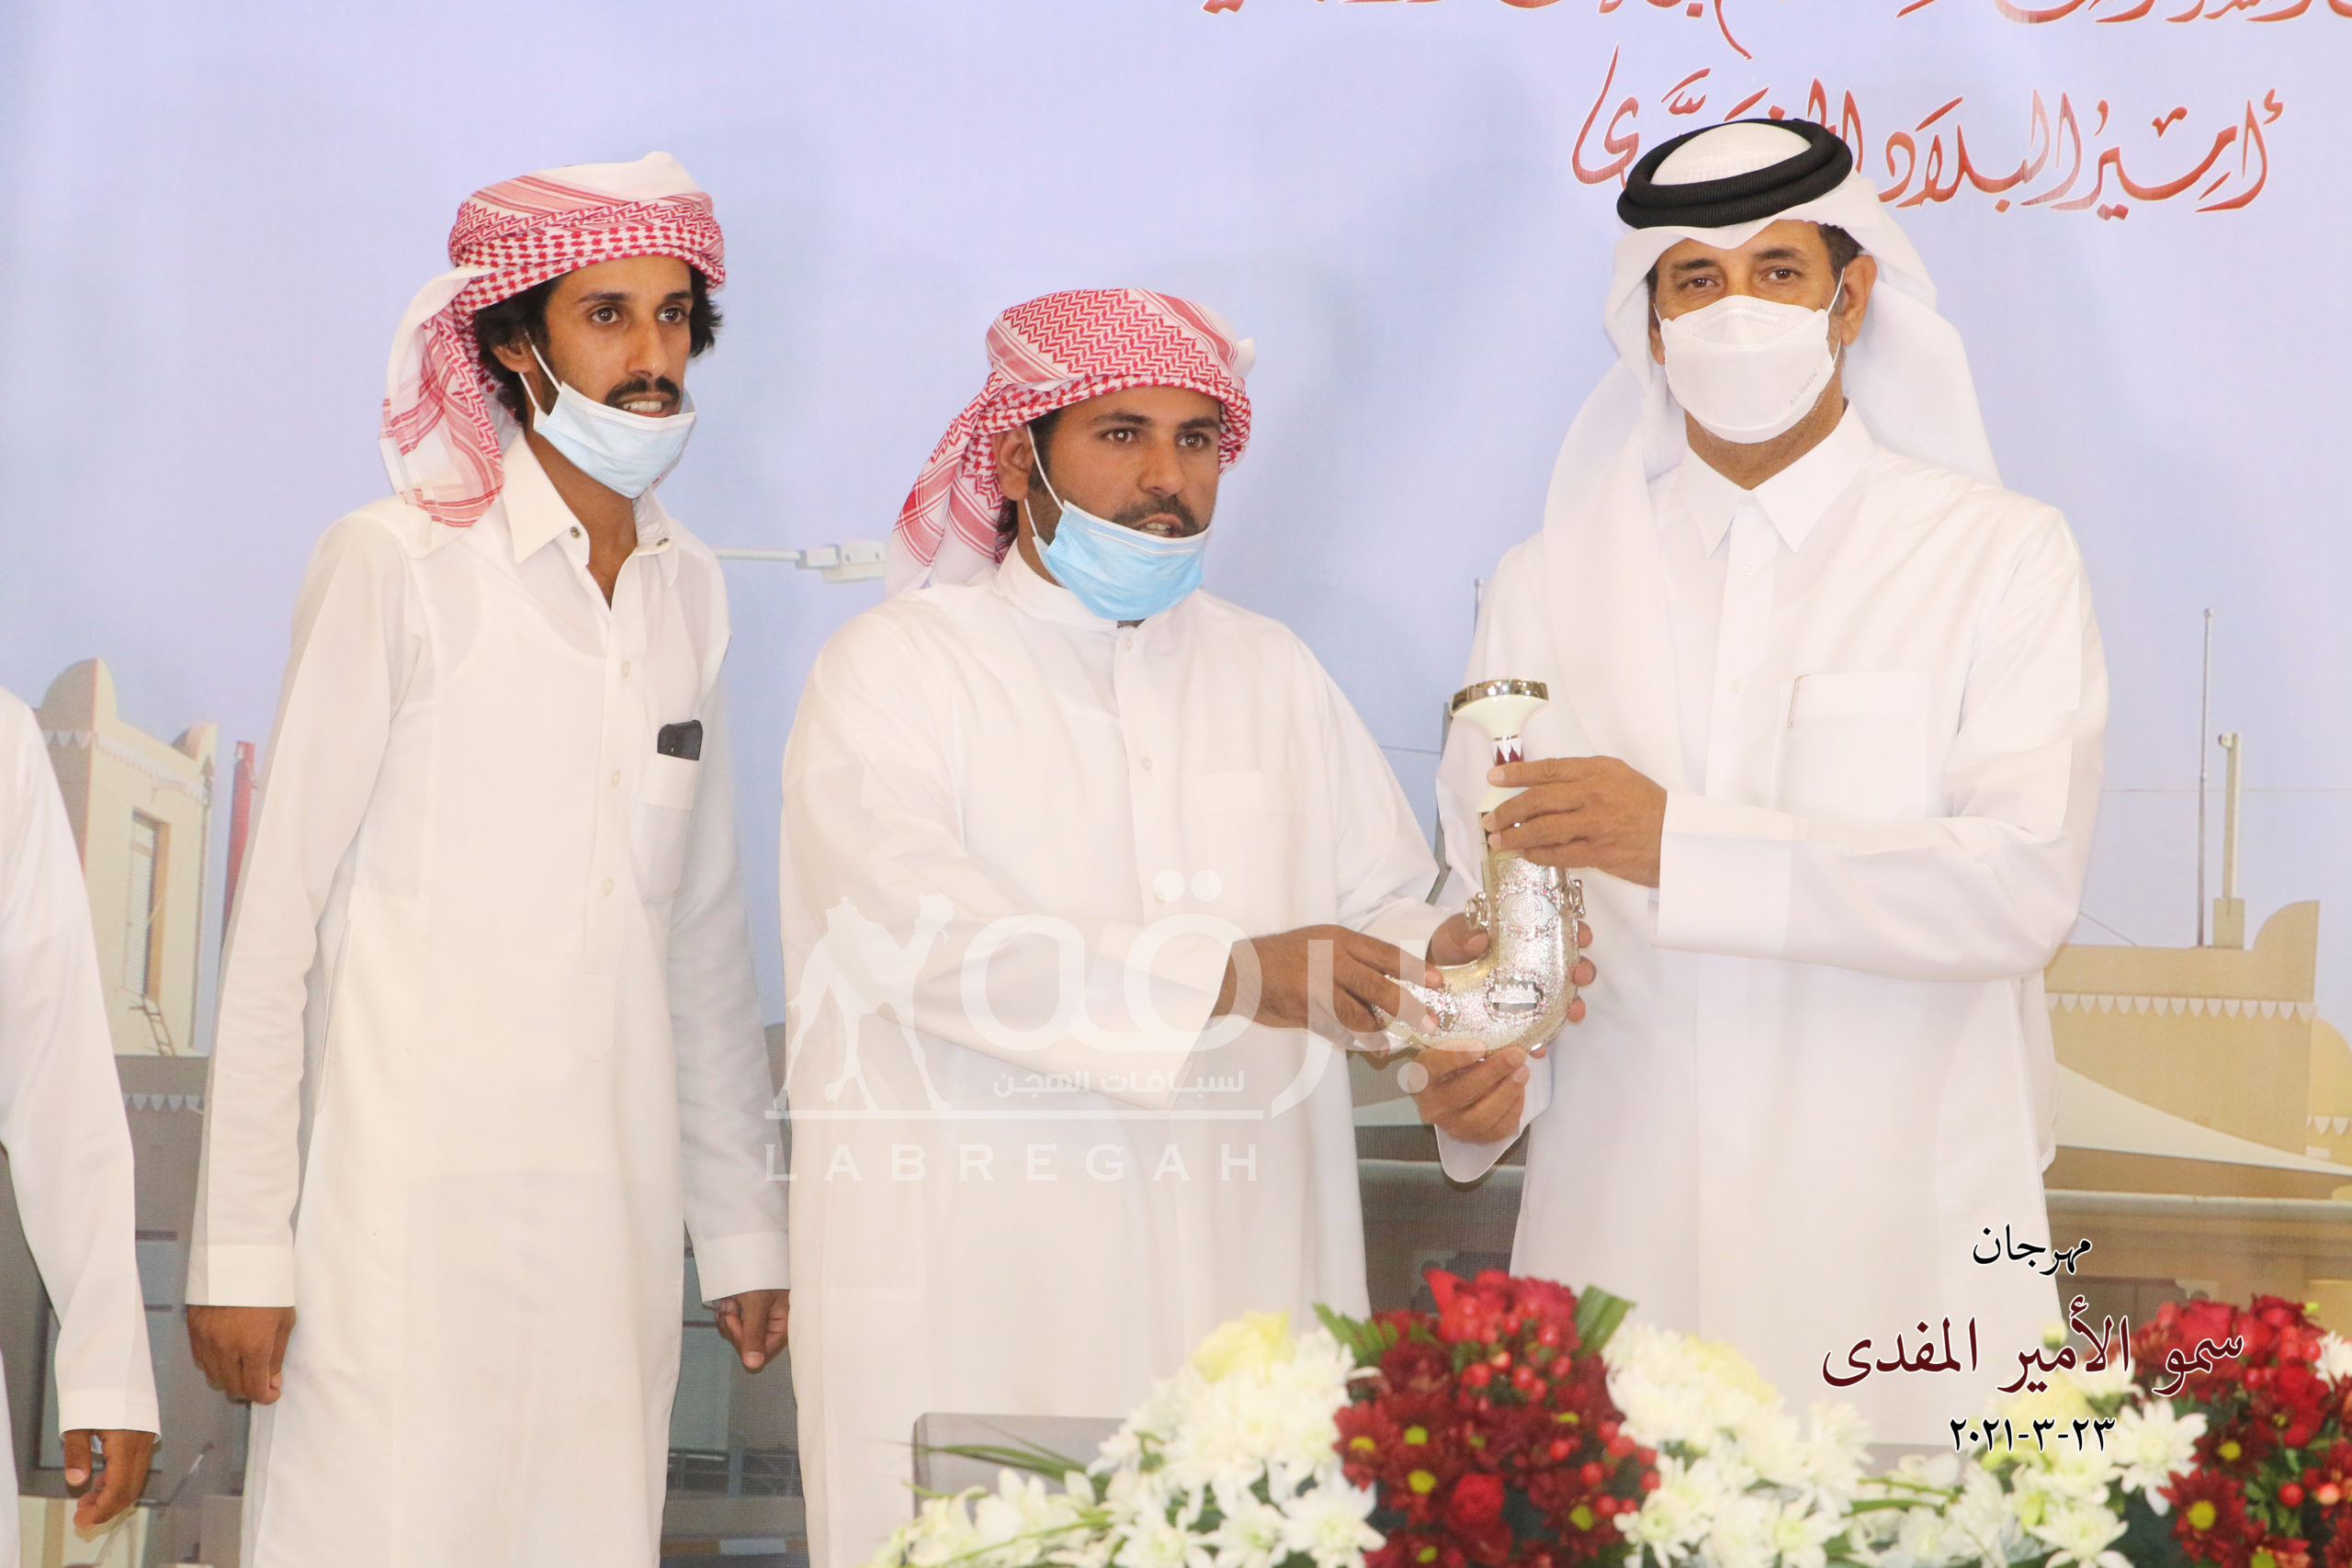 حمد بن حلفان: الفوز برمزين في مهرجان سمو الأمير إنجاز كبير